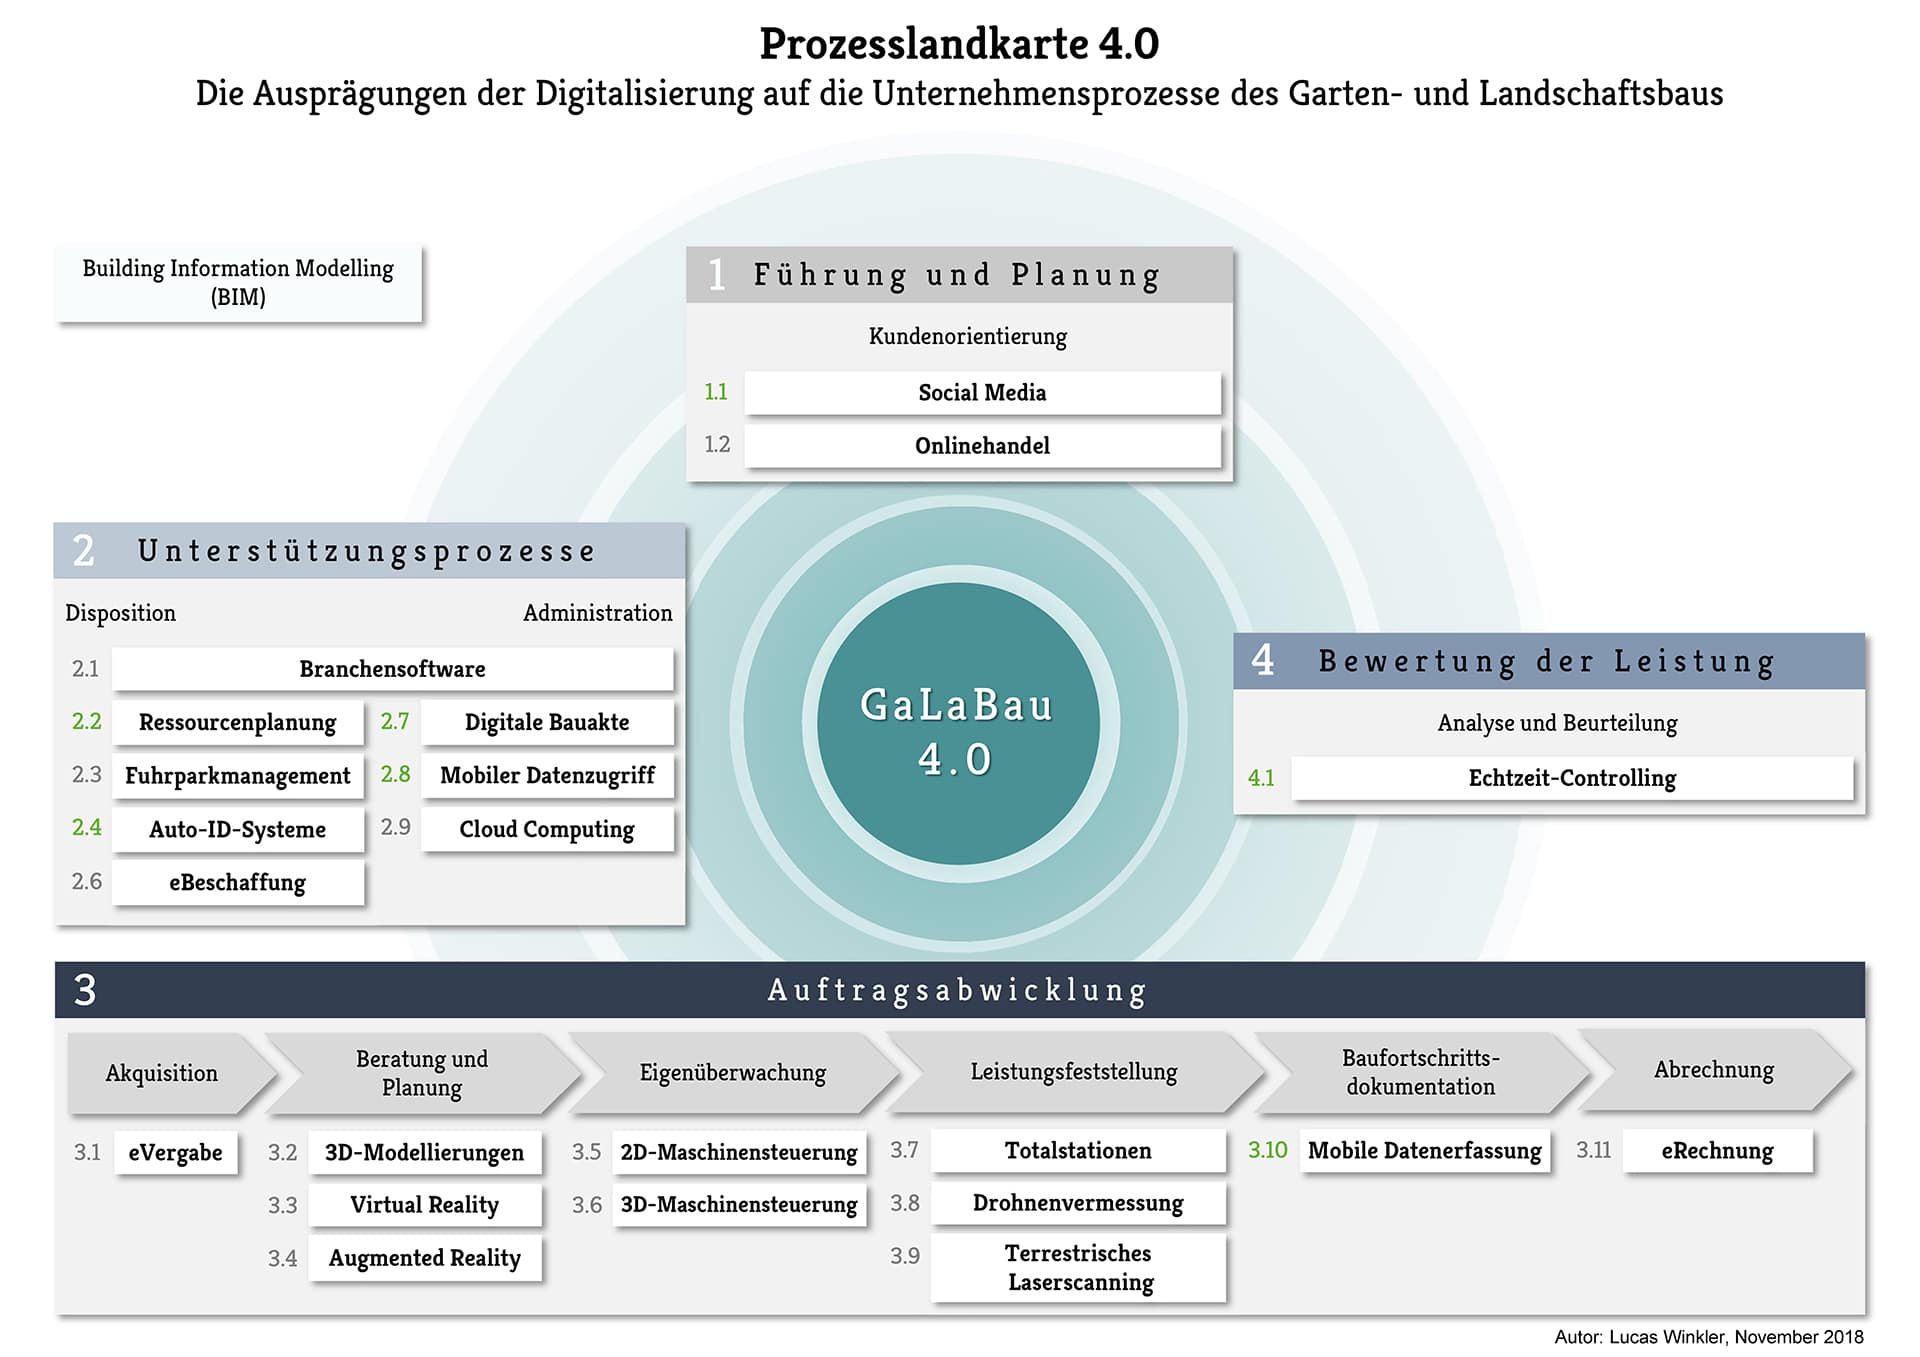 Die Prozesslandkarte 4.0. bietet einen Orientierung zur Digitalisierung im GaLaBau.